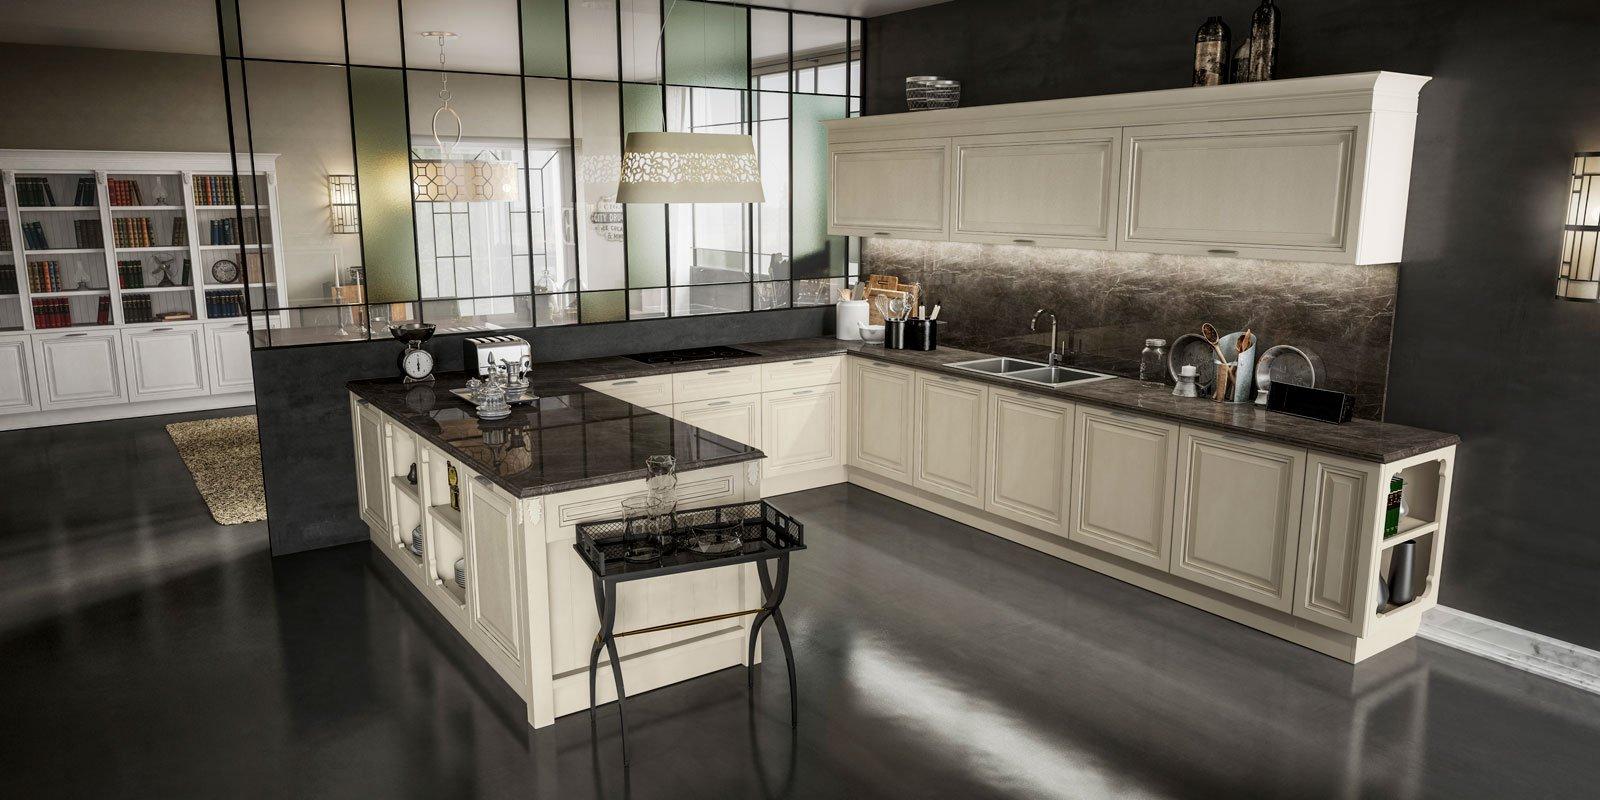 Cucine classiche in legno o laccate cose di casa - Opinioni veneta cucine ...